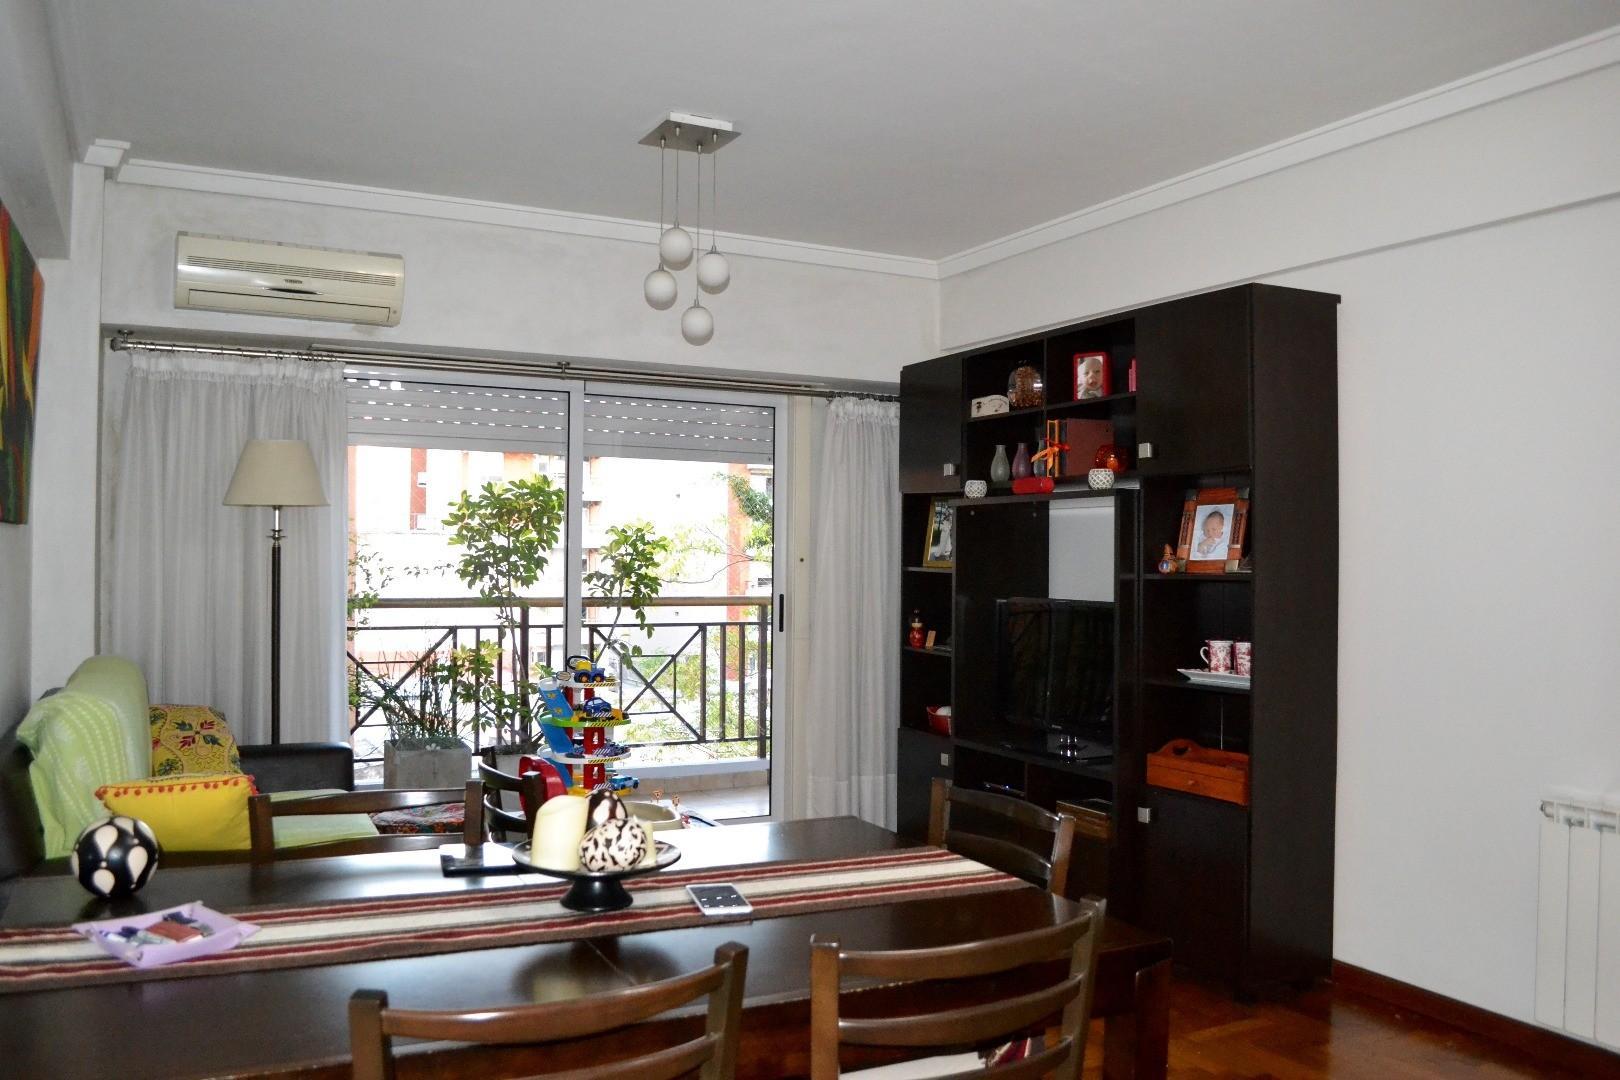 Excelente departamento de 3 ambientes contrafrente con balcón y baulera.